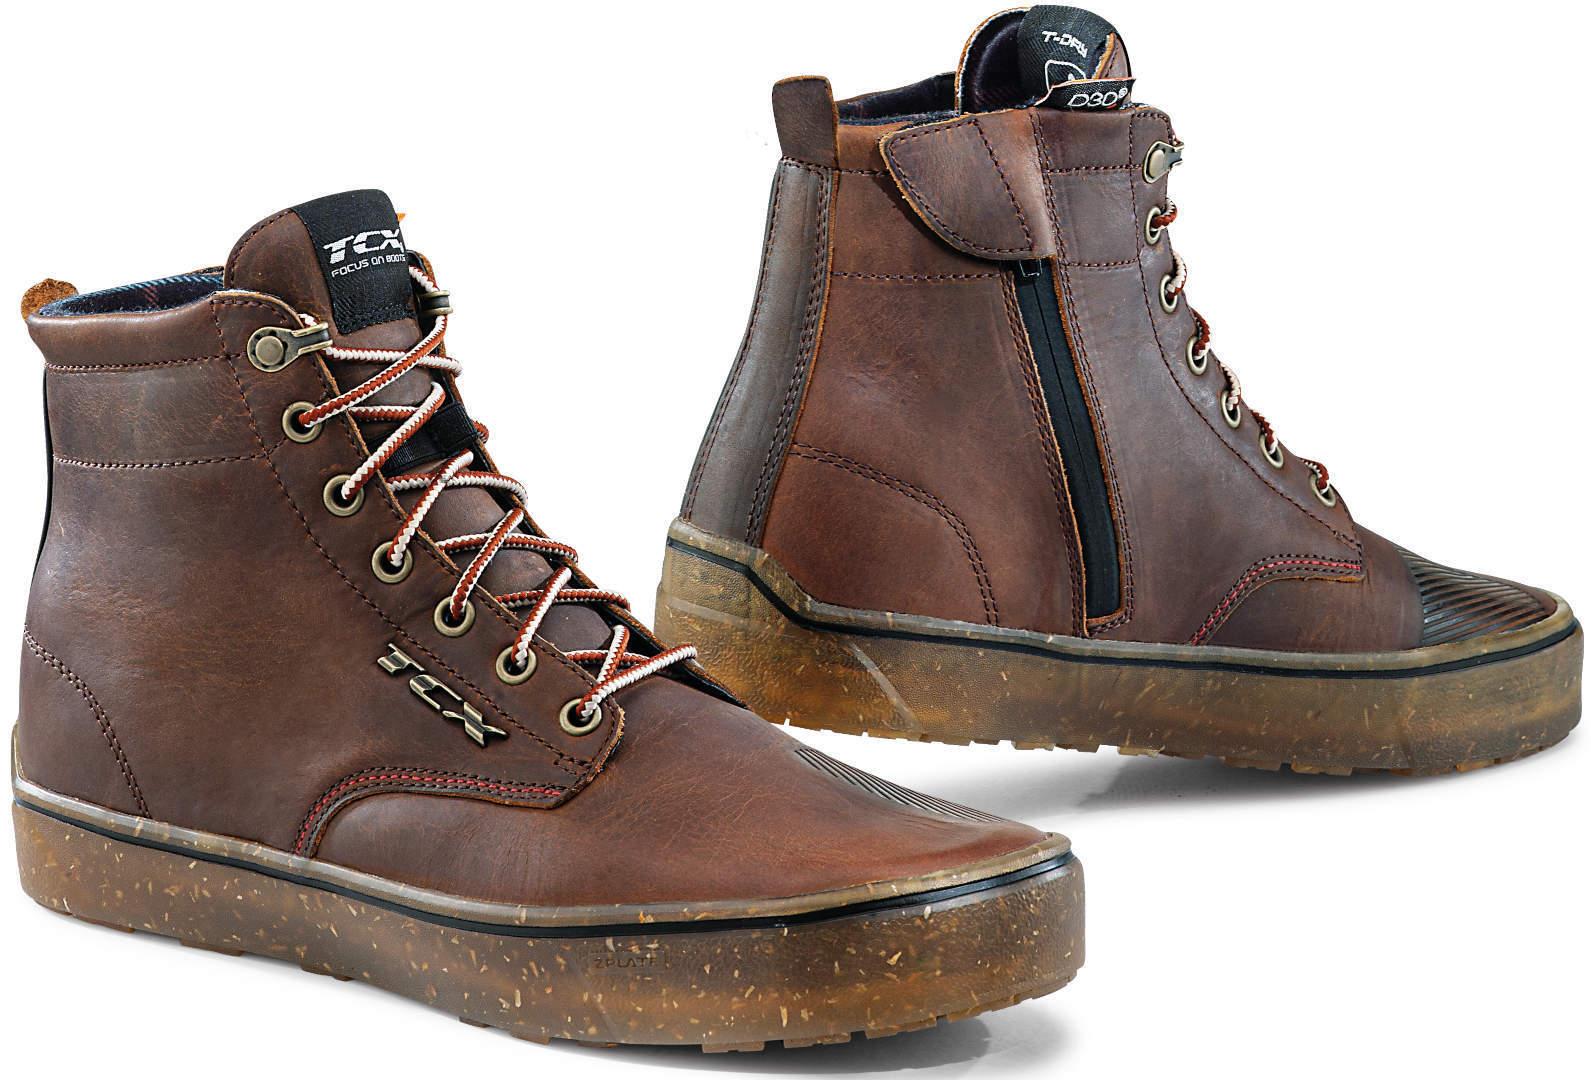 TCX Dartwood Chaussures de moto imperméables Brun taille : 45